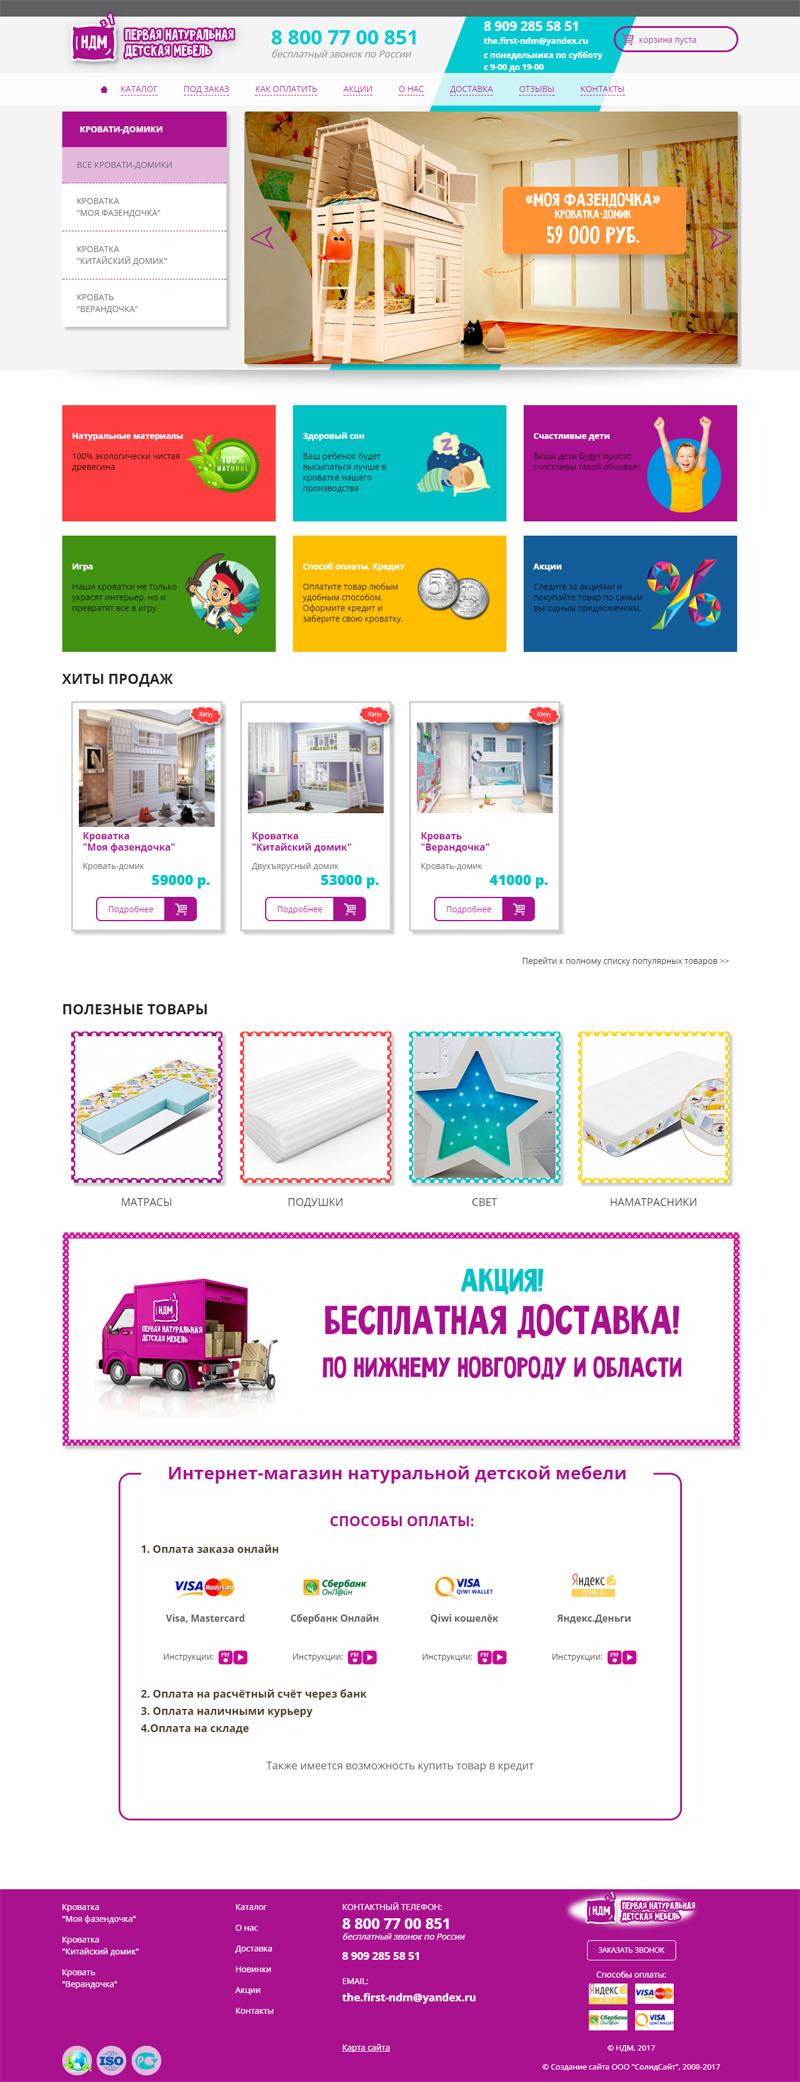 Своей компании является создание официального сайта продвижением официального сайта заинт xrumer vfv, f